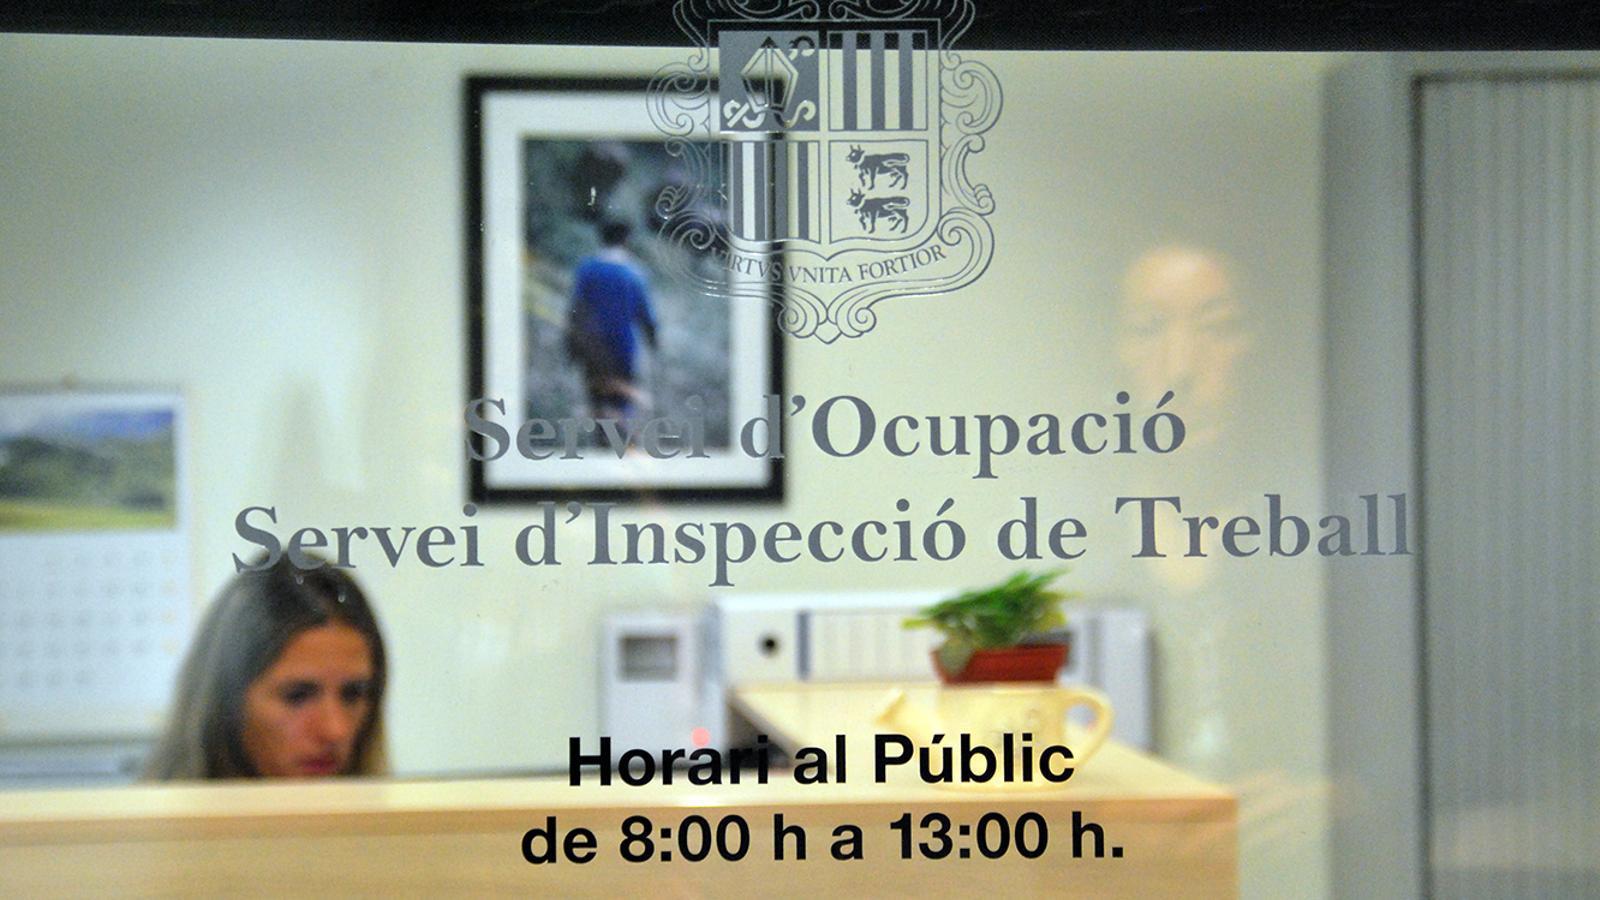 Una imatge de les oficines del Servei d'Ocupació. / ARXIU ANA